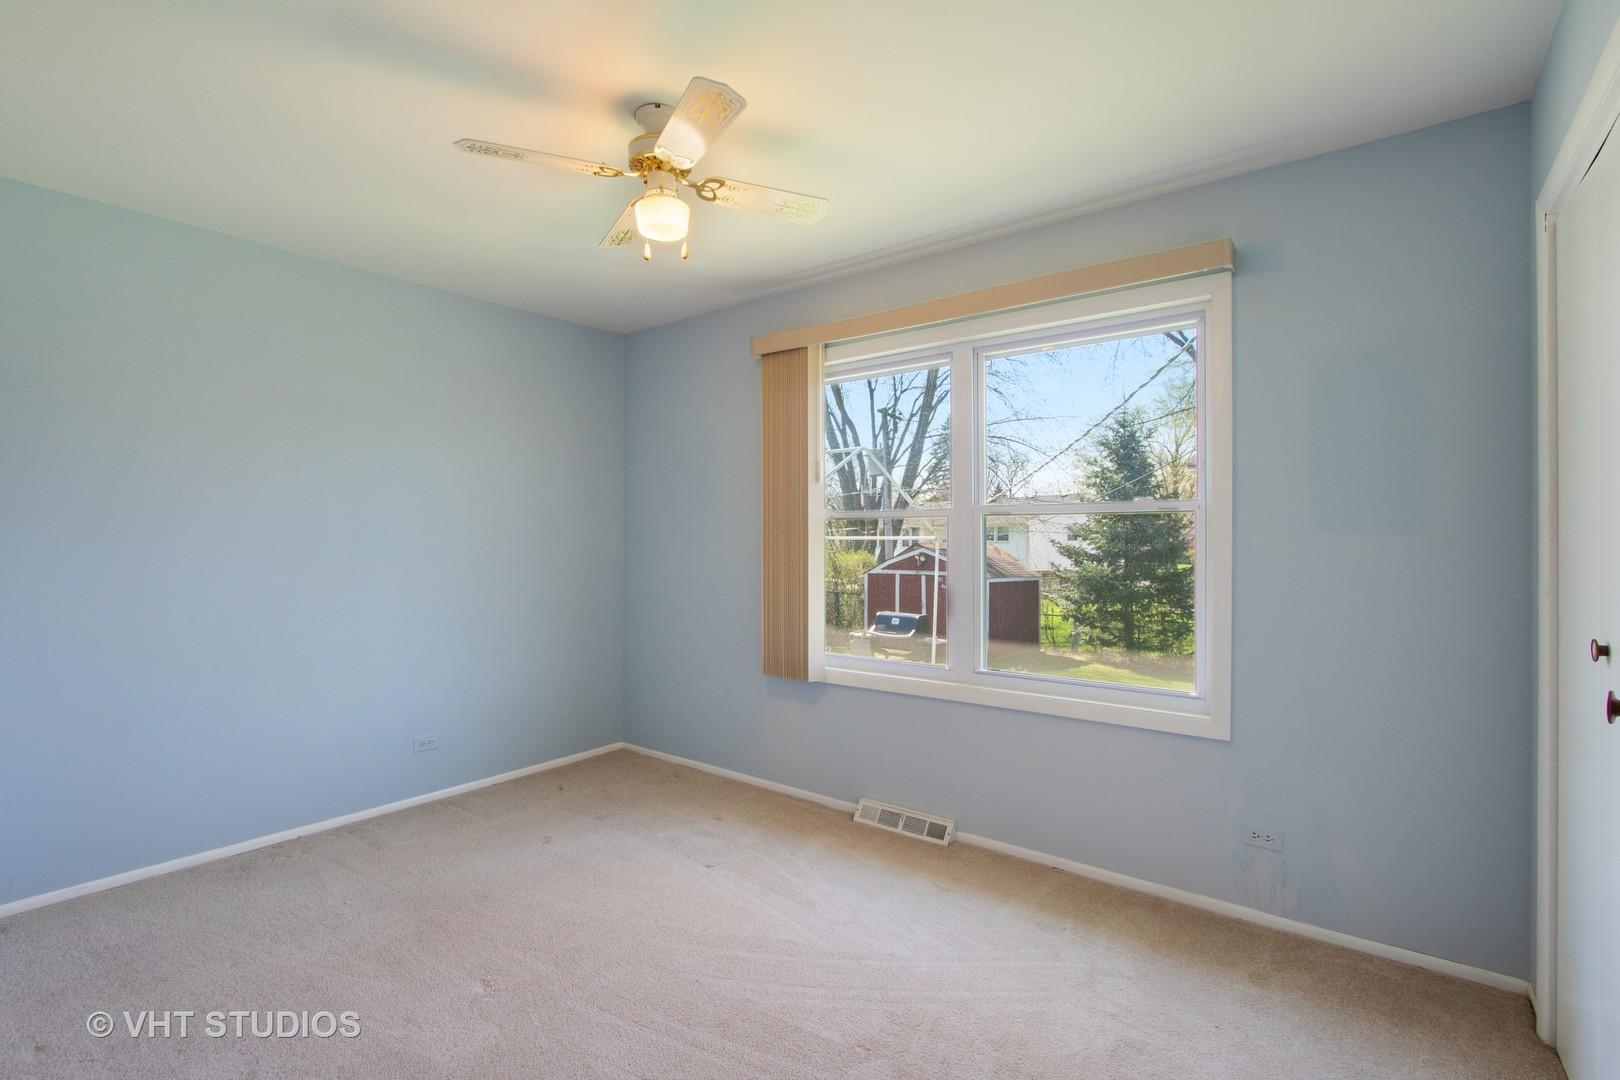 519 Dorset ,Palatine, Illinois 60067